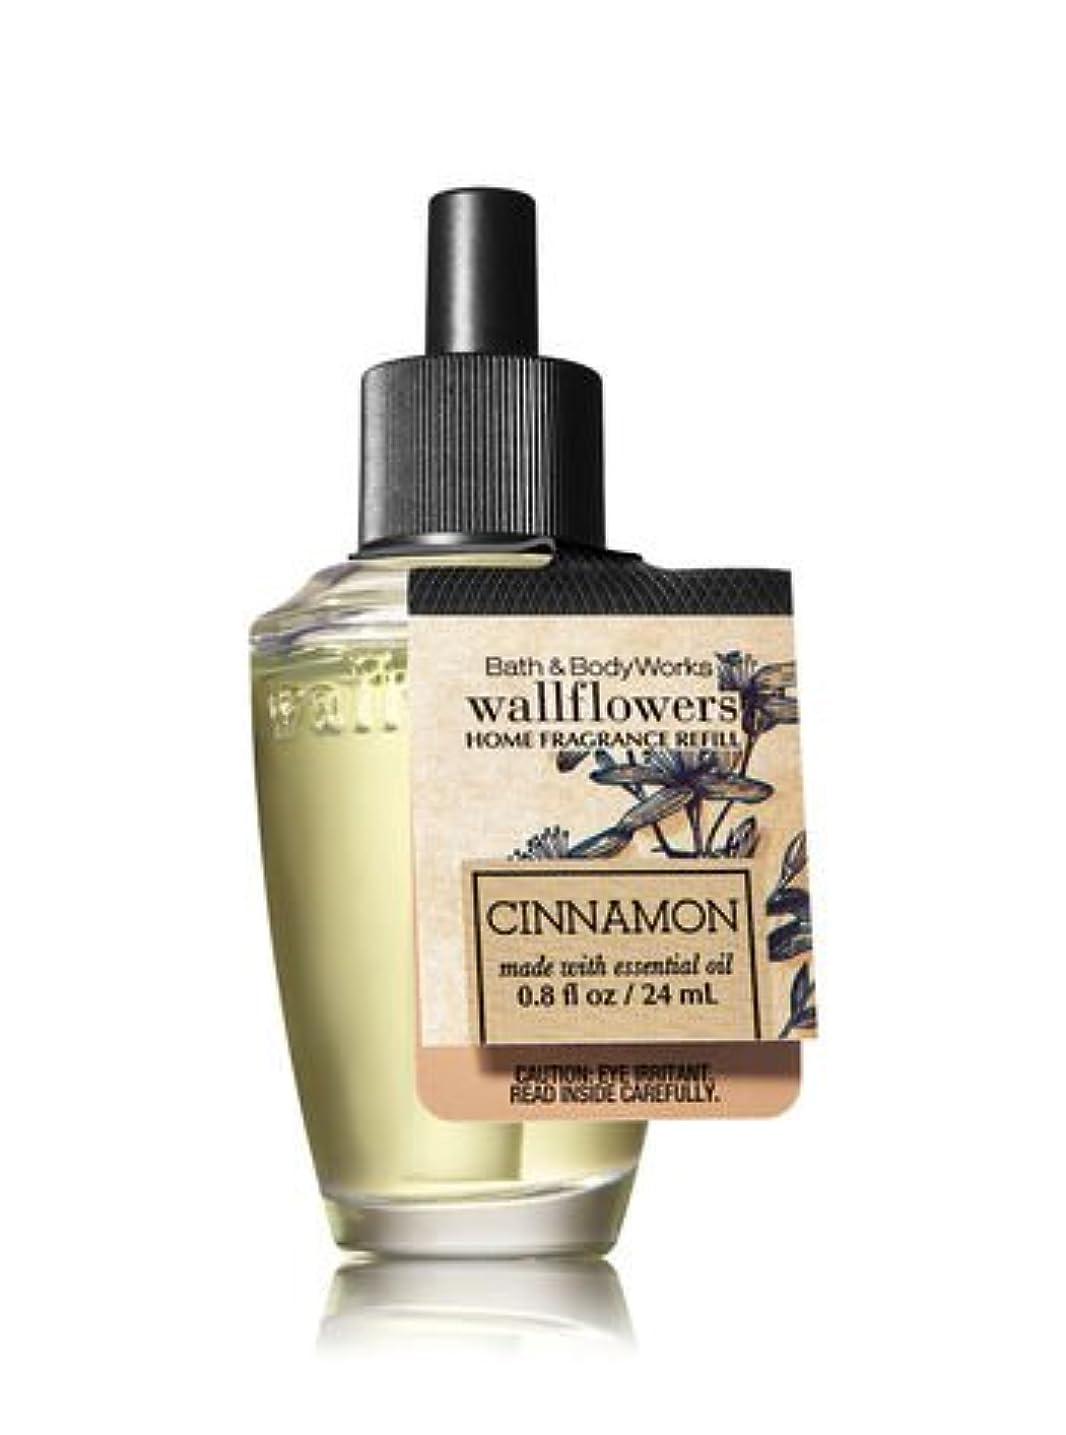 登録するシーズン労働者【Bath&Body Works/バス&ボディワークス】 ルームフレグランス 詰替えリフィル シナモン Wallflowers Home Fragrance Refill made with essential oil Cinnamon [並行輸入品]